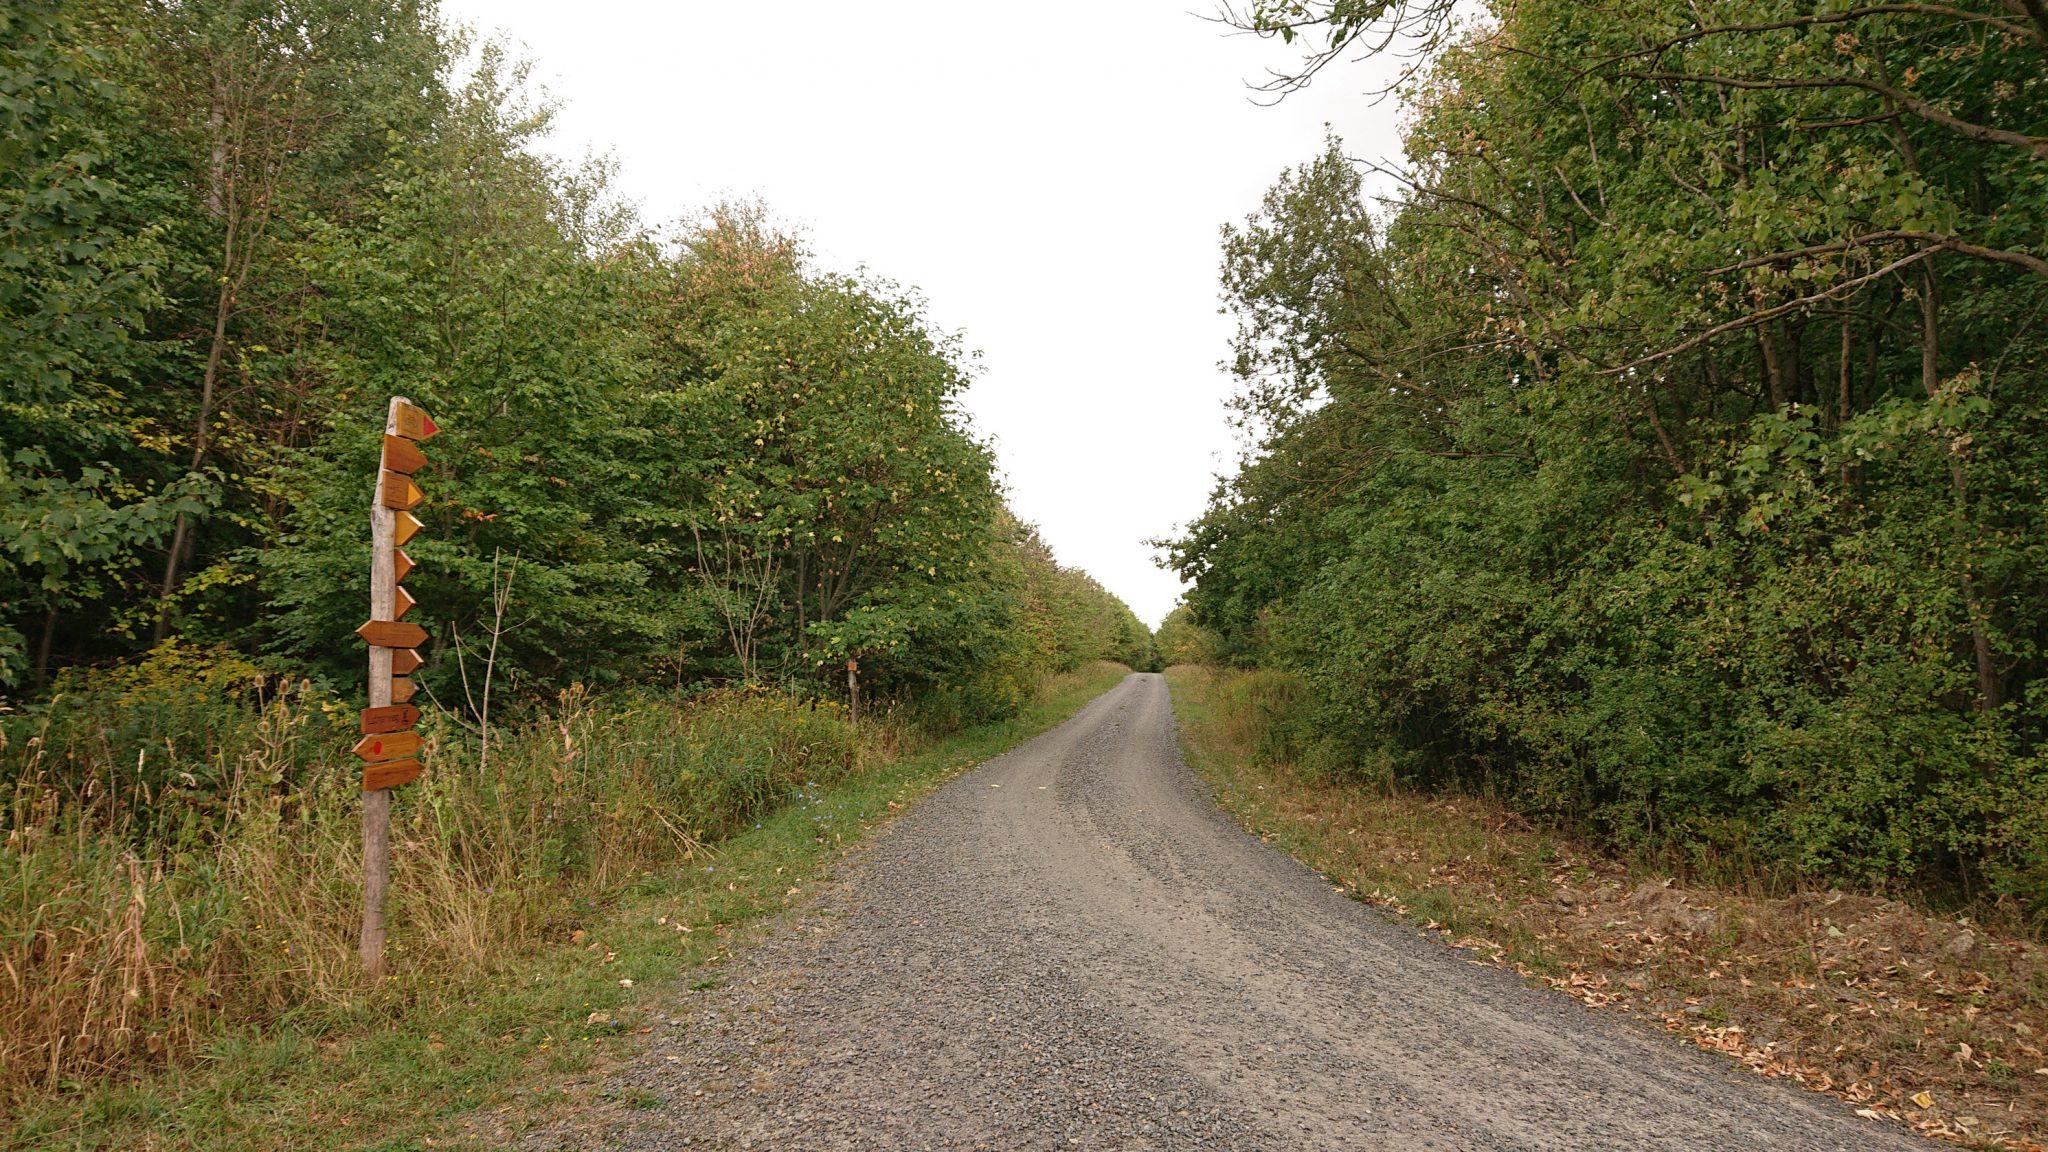 Nationalpark Hainich Saugrabenweg und Betteleichenweg wandern, dichter, ursprünglicher Buchenwald, breitere Wegabschnitte, Wegmarkierung